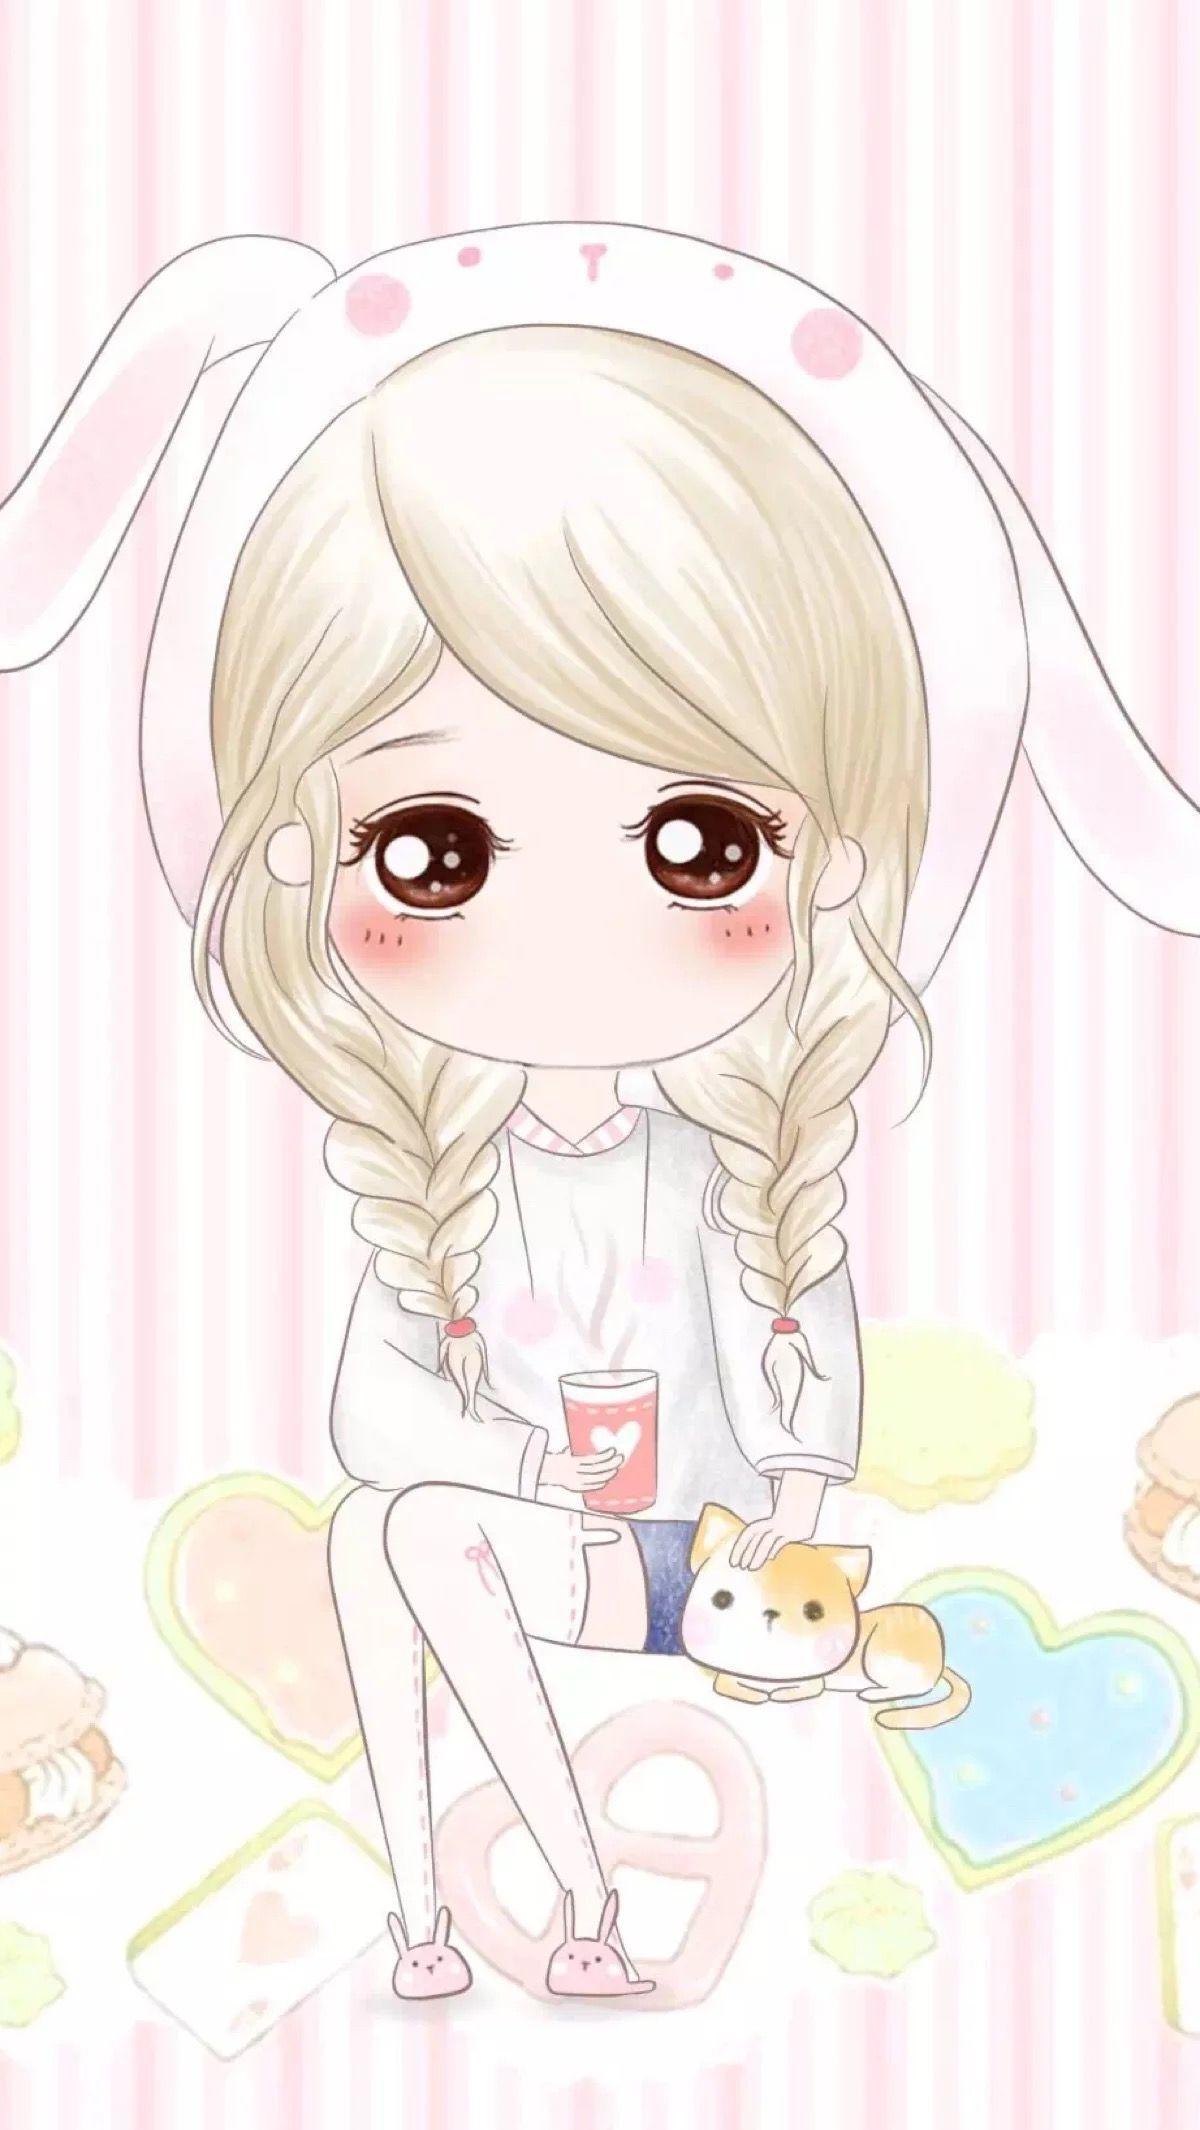 Pin de Pankeawป่านแก้ว em Cute Cartoon Imagens fofas